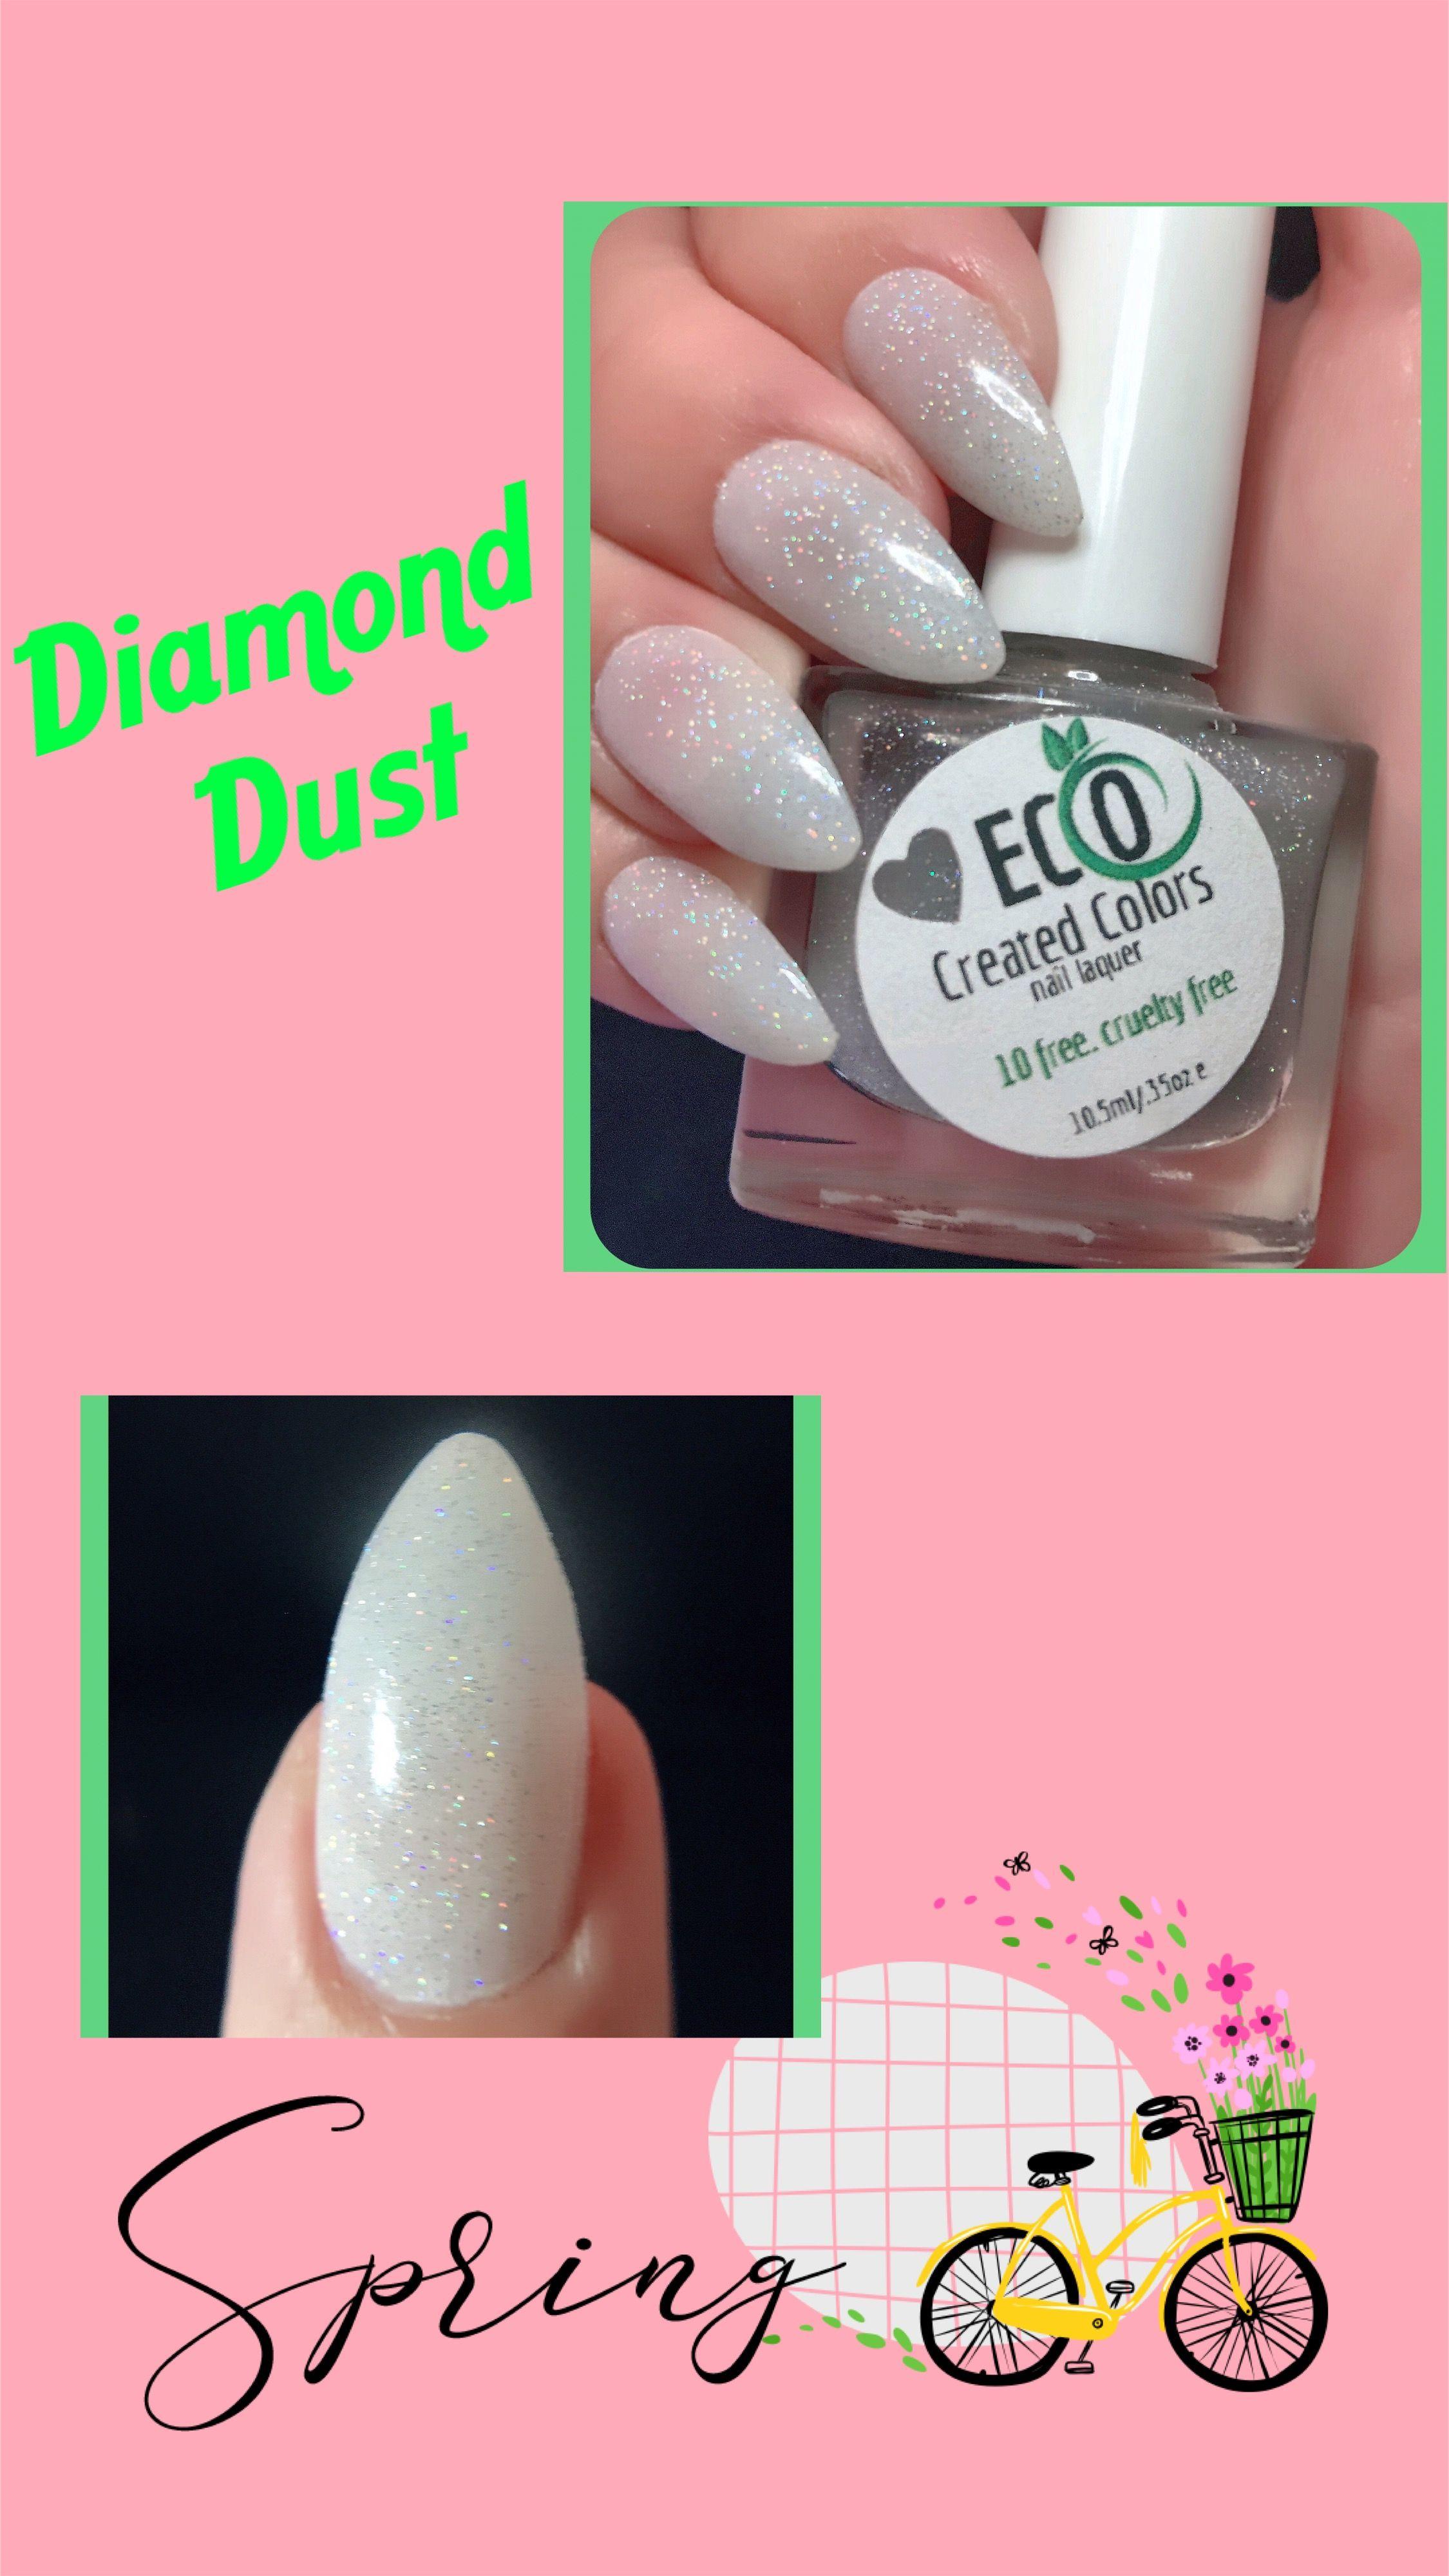 Silver Glitter Nail Polish Natural Wedding Eco 10 Free Nail Polish Vegan Nail Polish Handmade Custom Nail Polish Diamond Dust In 2020 Vegan Nail Polish Nail Polish Free Nail Polish